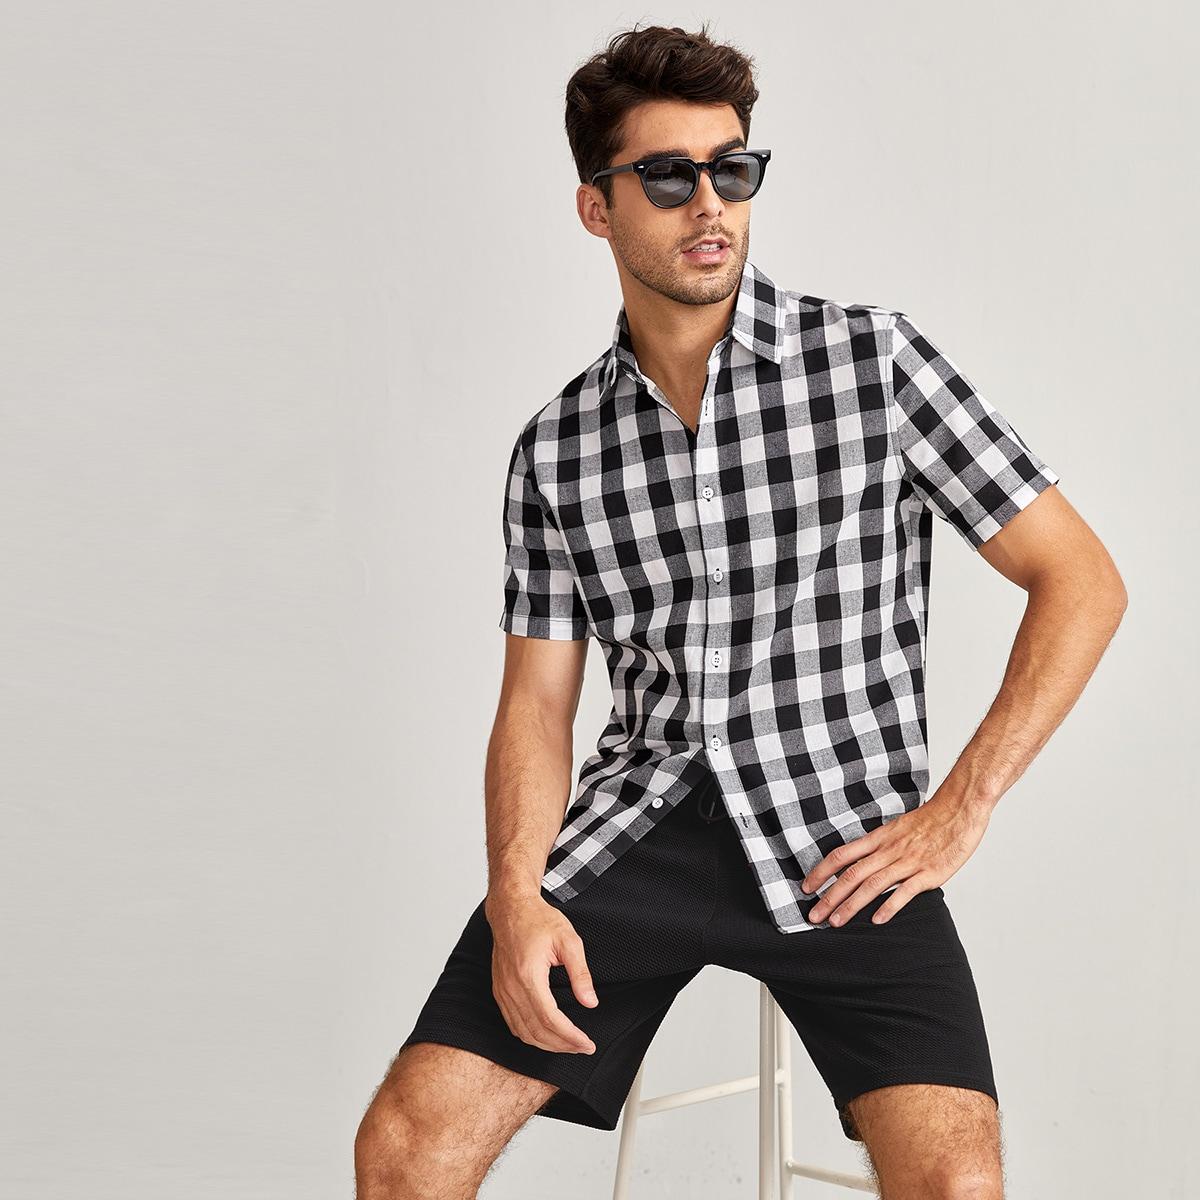 Мужской Рубашка в клетку на пуговицах SheIn smshirt07210605961